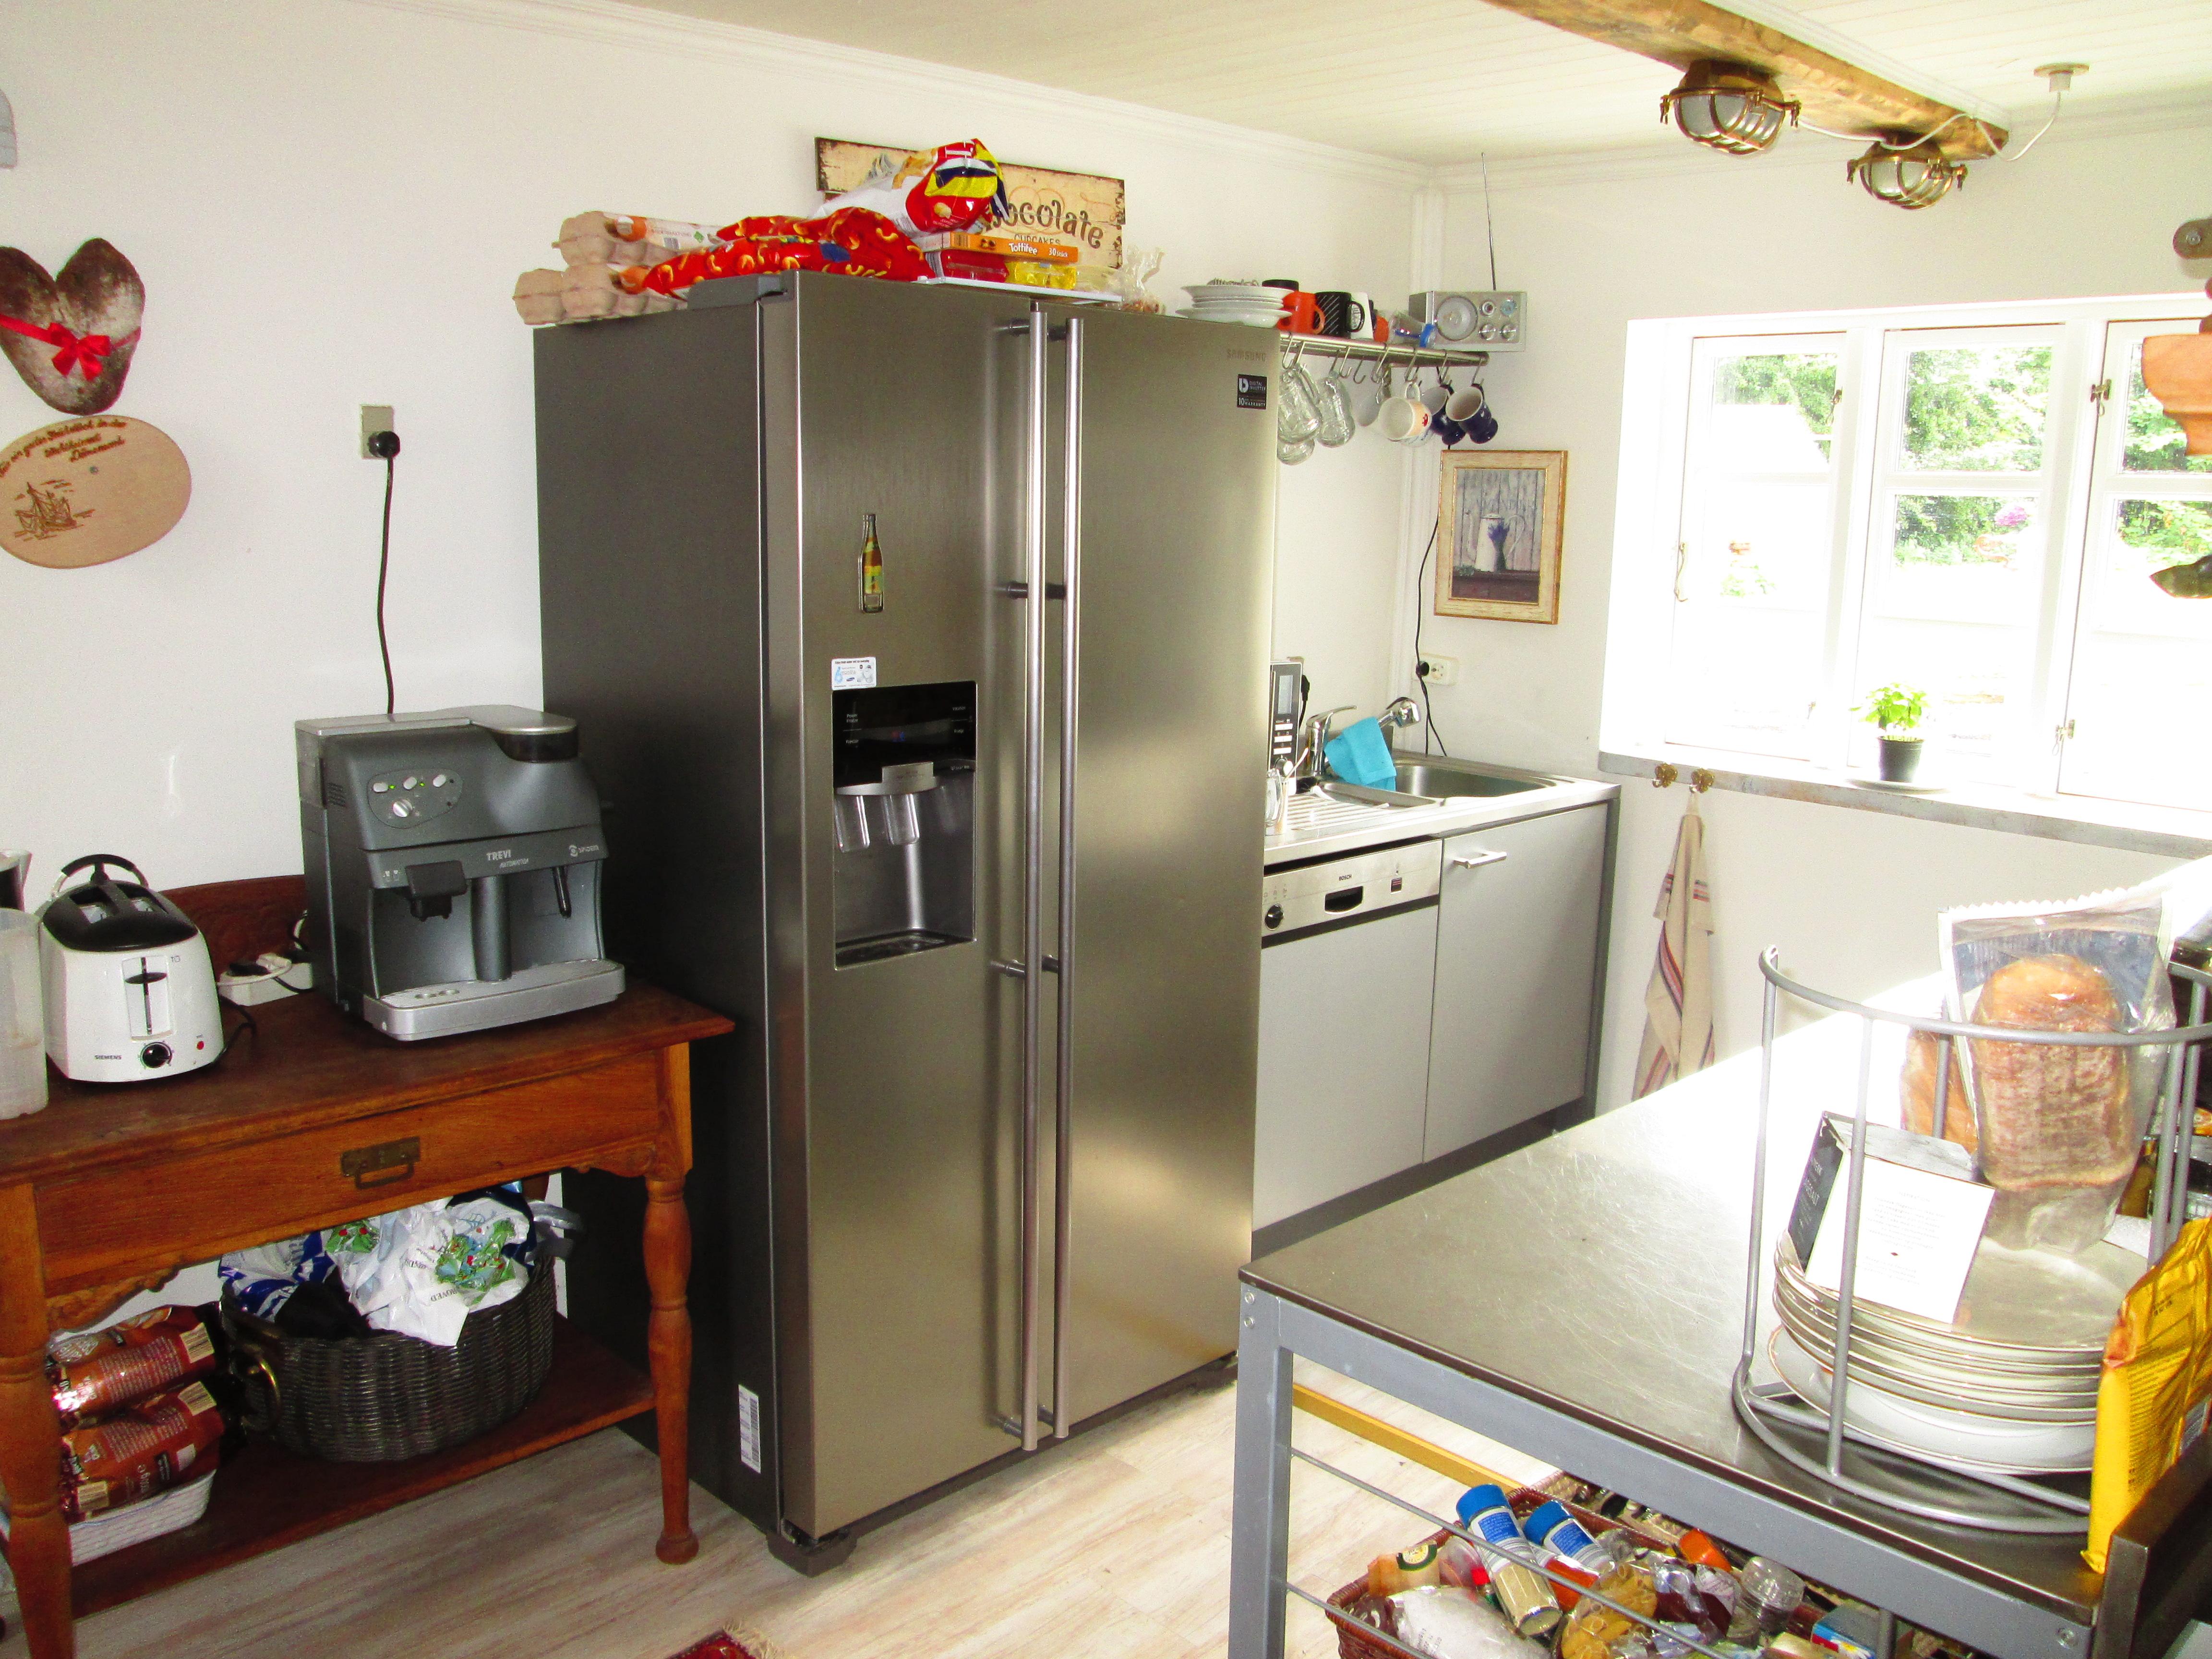 Amerikanischer Kühlschrank Günstig : Küche amerikanischer kühlschrank schatzkammer flintbek